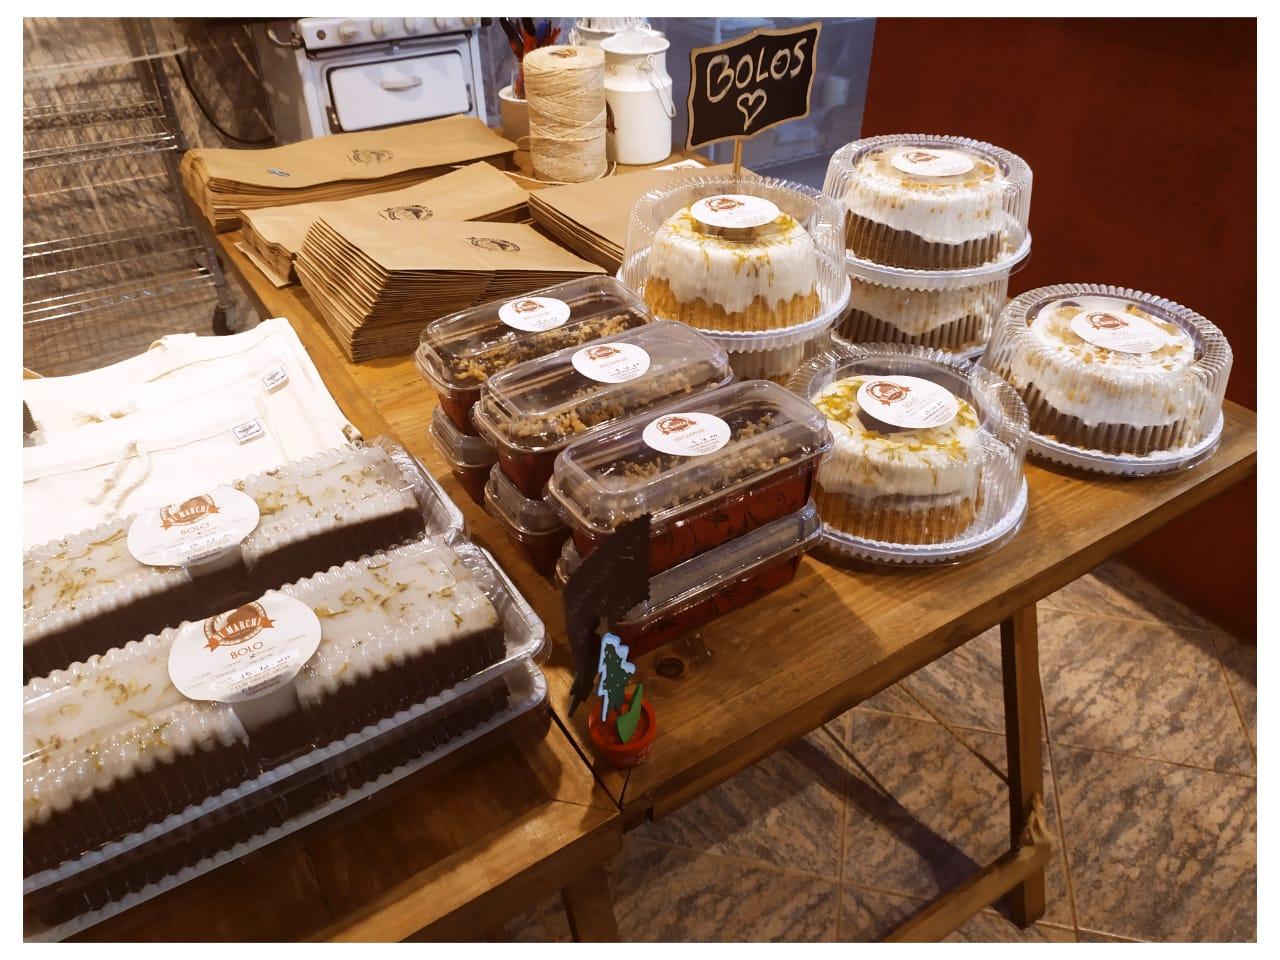 Pane Di Marchi tem fornadas de filão italiano, brioches e bolos artesanais